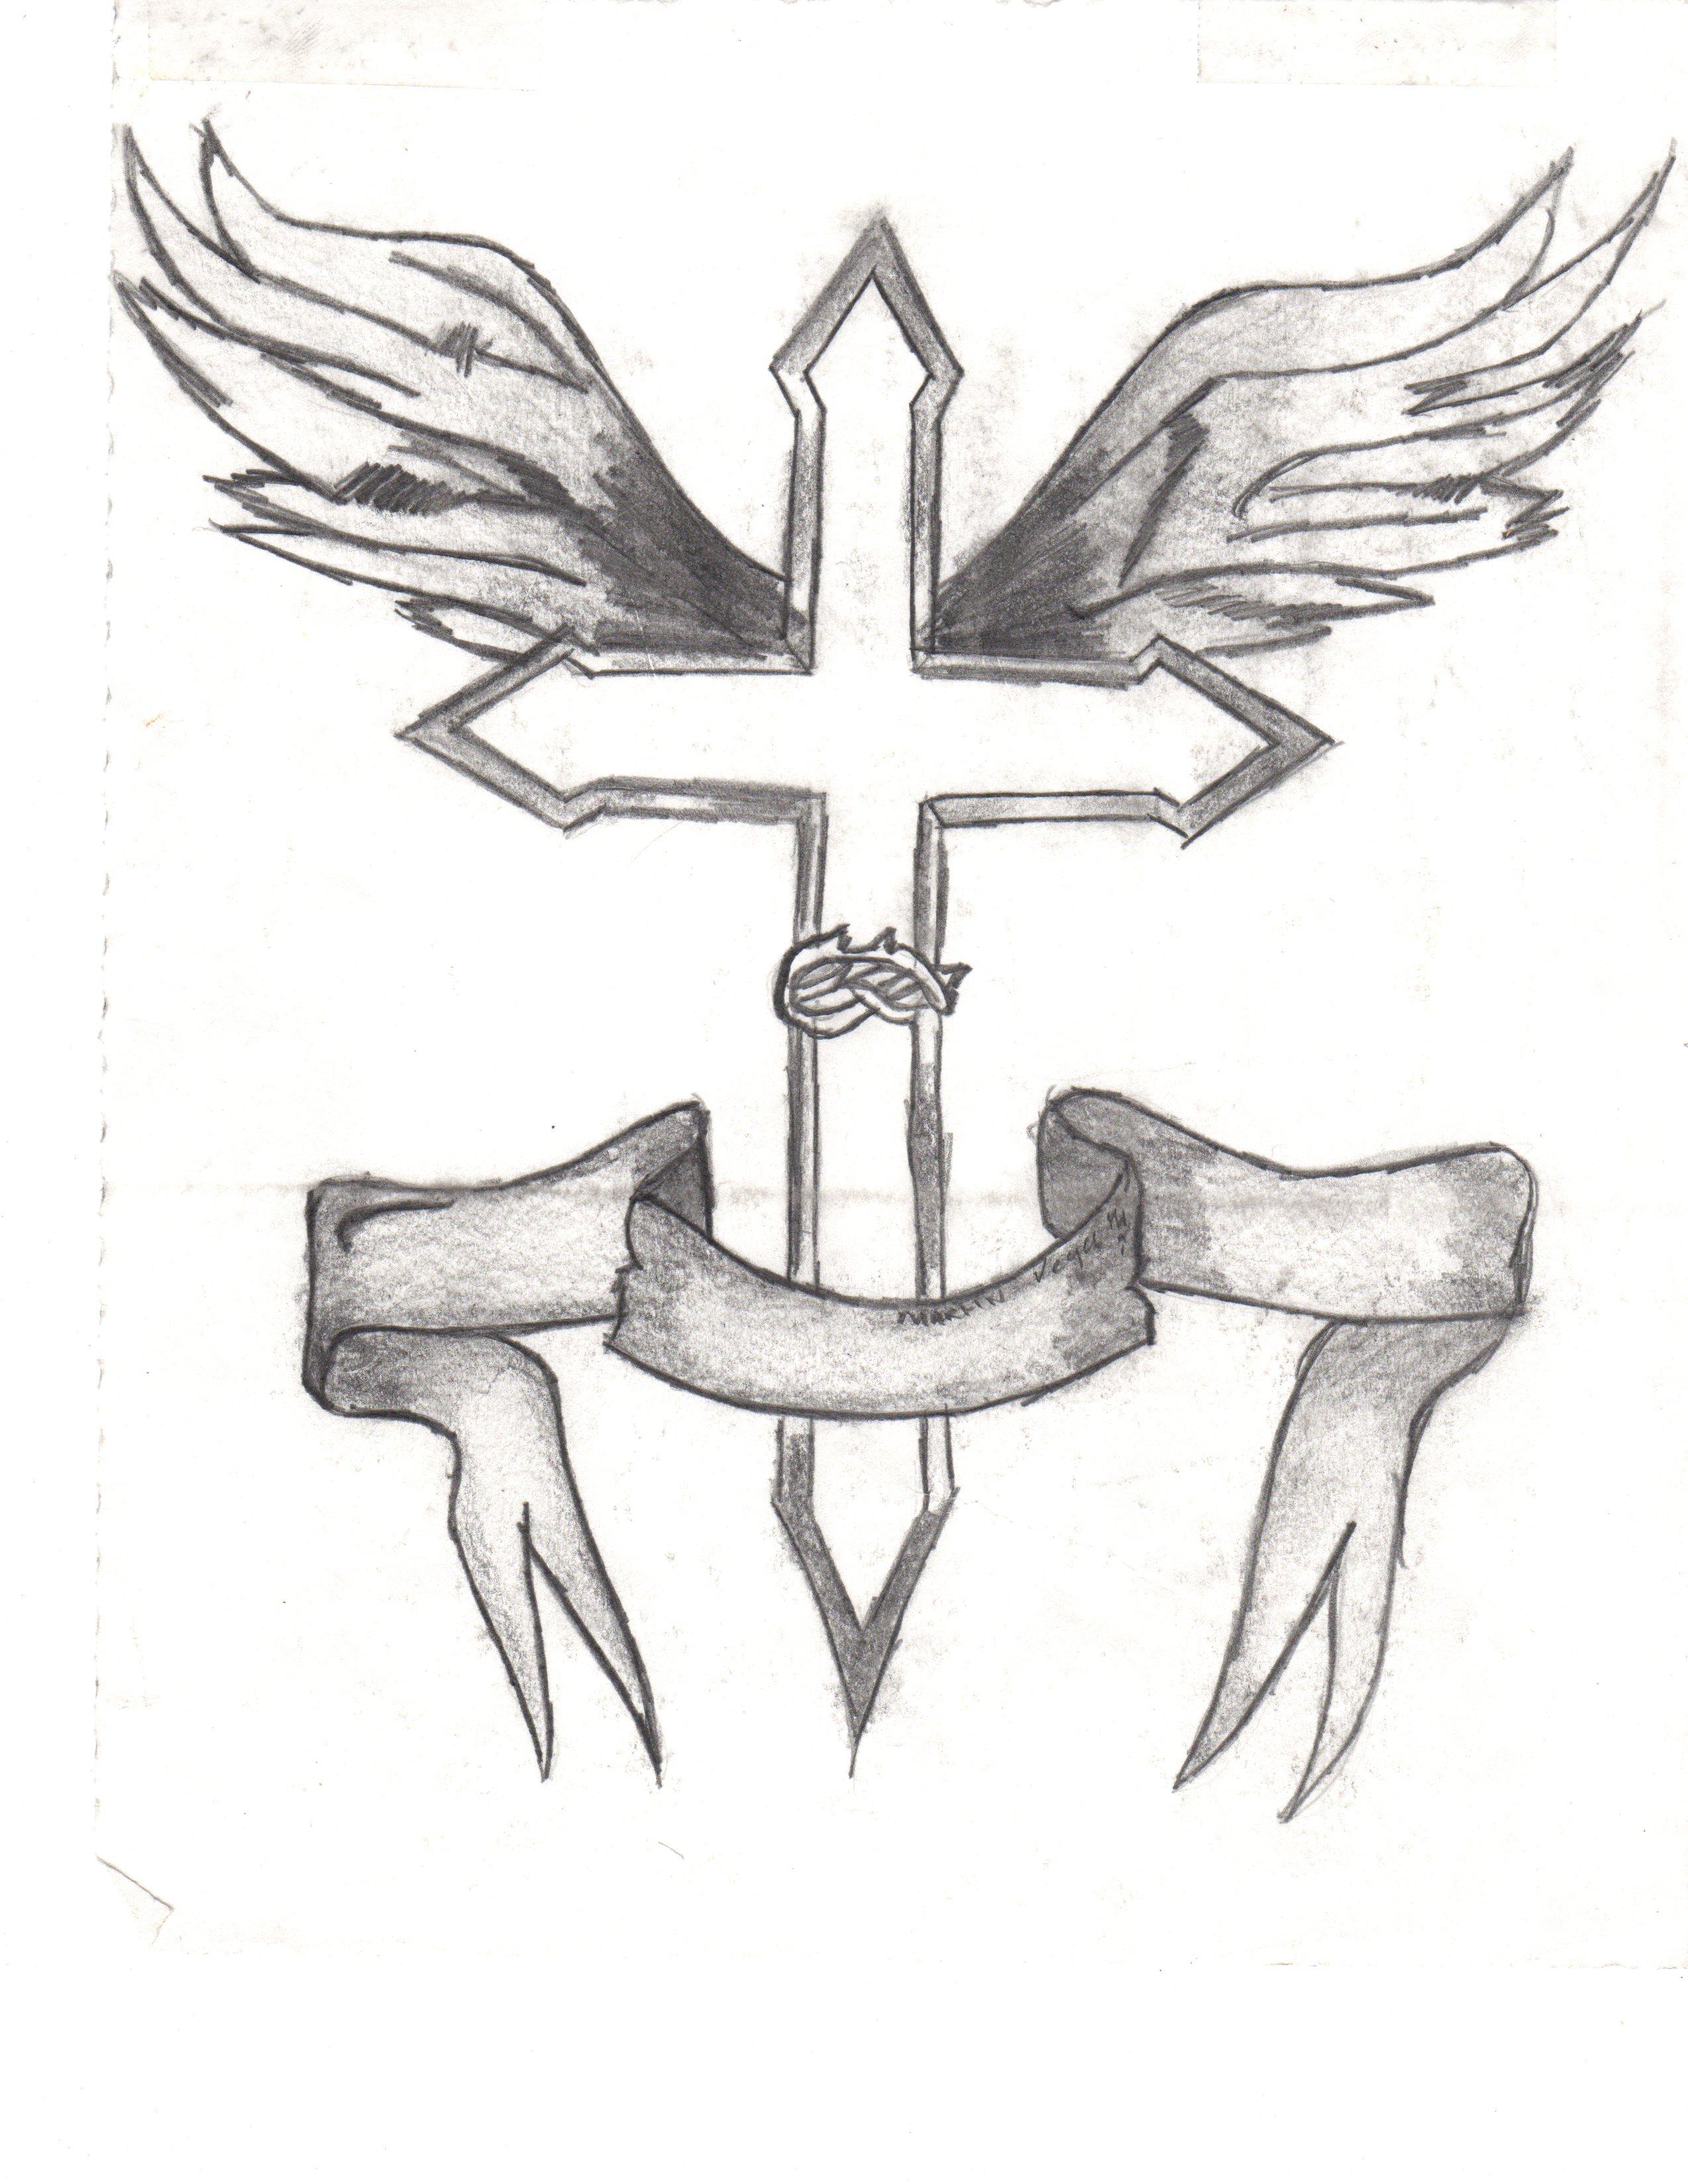 2550x3300 Simple Cross Sketching Pencil Simple Cross Sketching